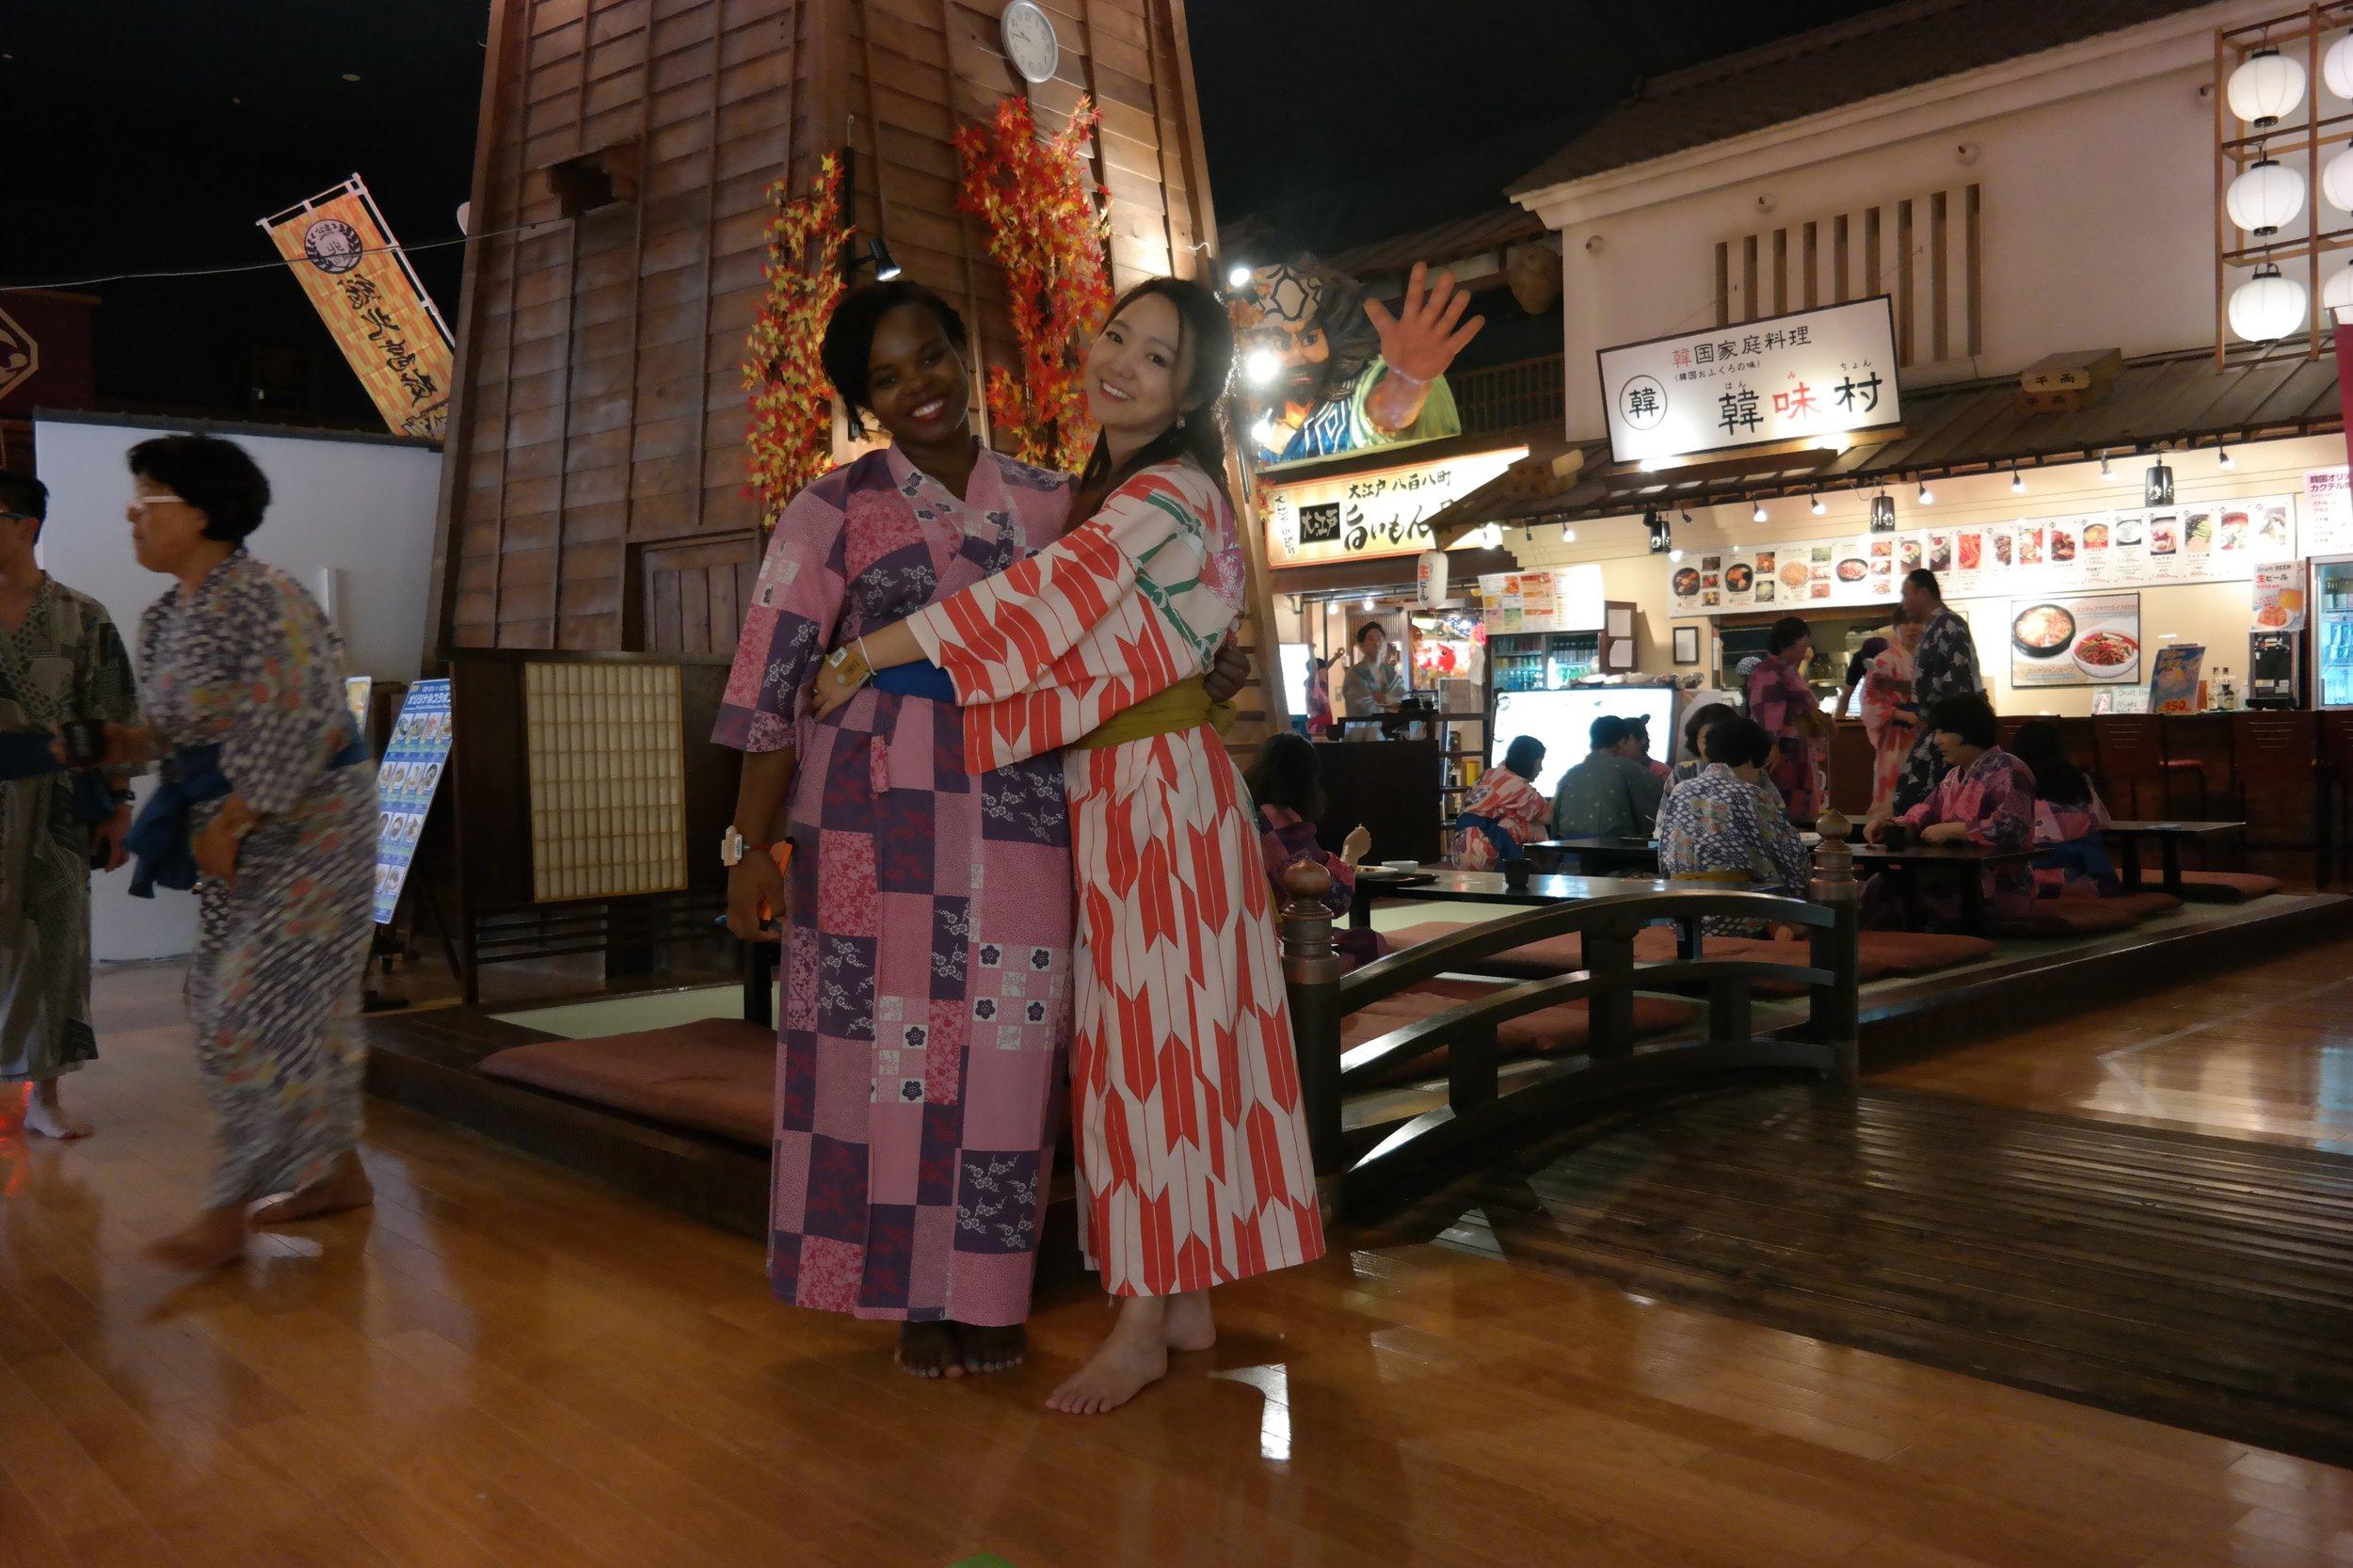 Inside Onsen Monogatari